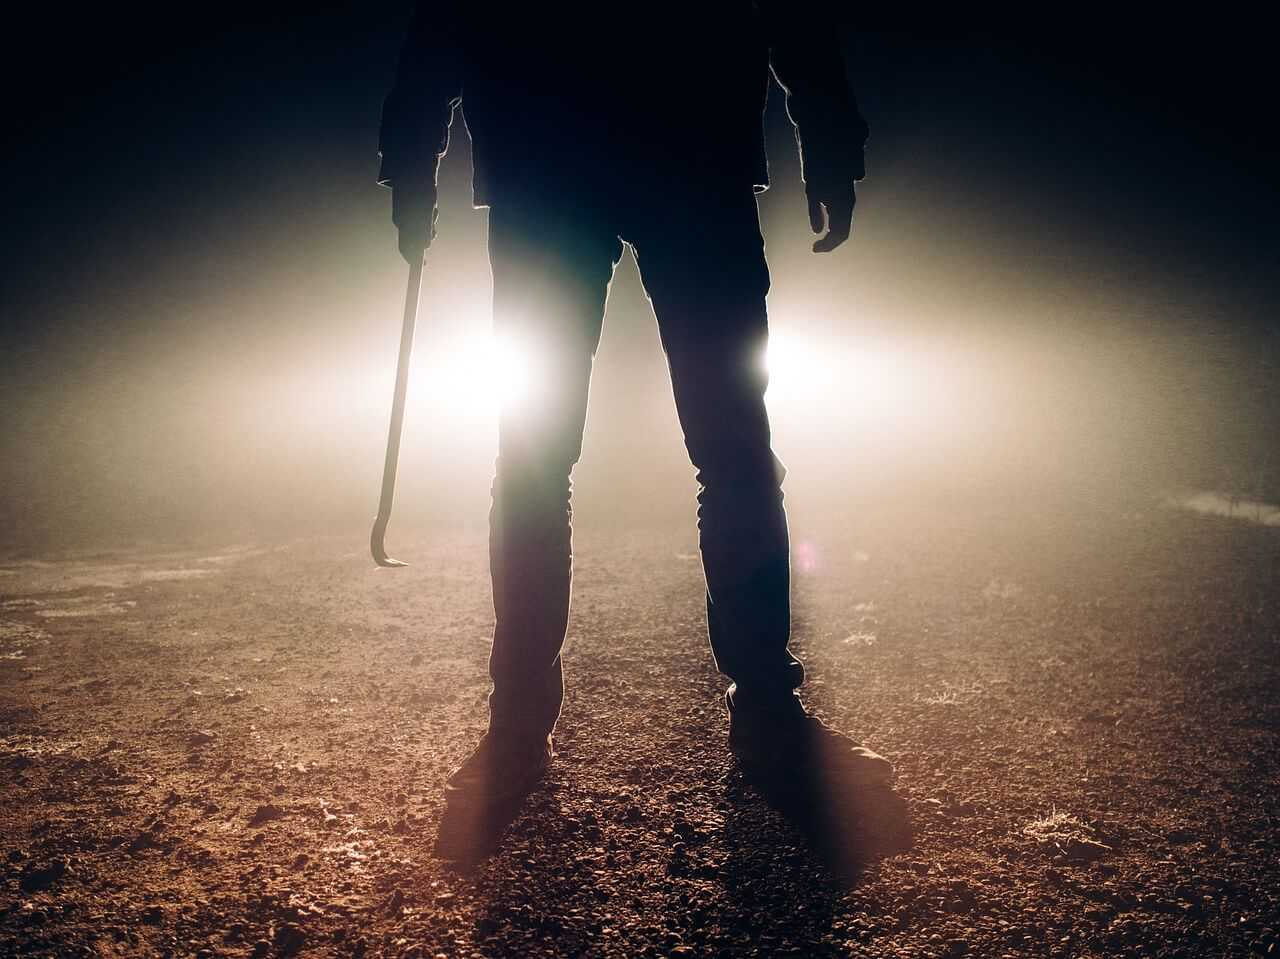 Valsts policija novērsusi divu personu nolaupīšanas un slepkavības